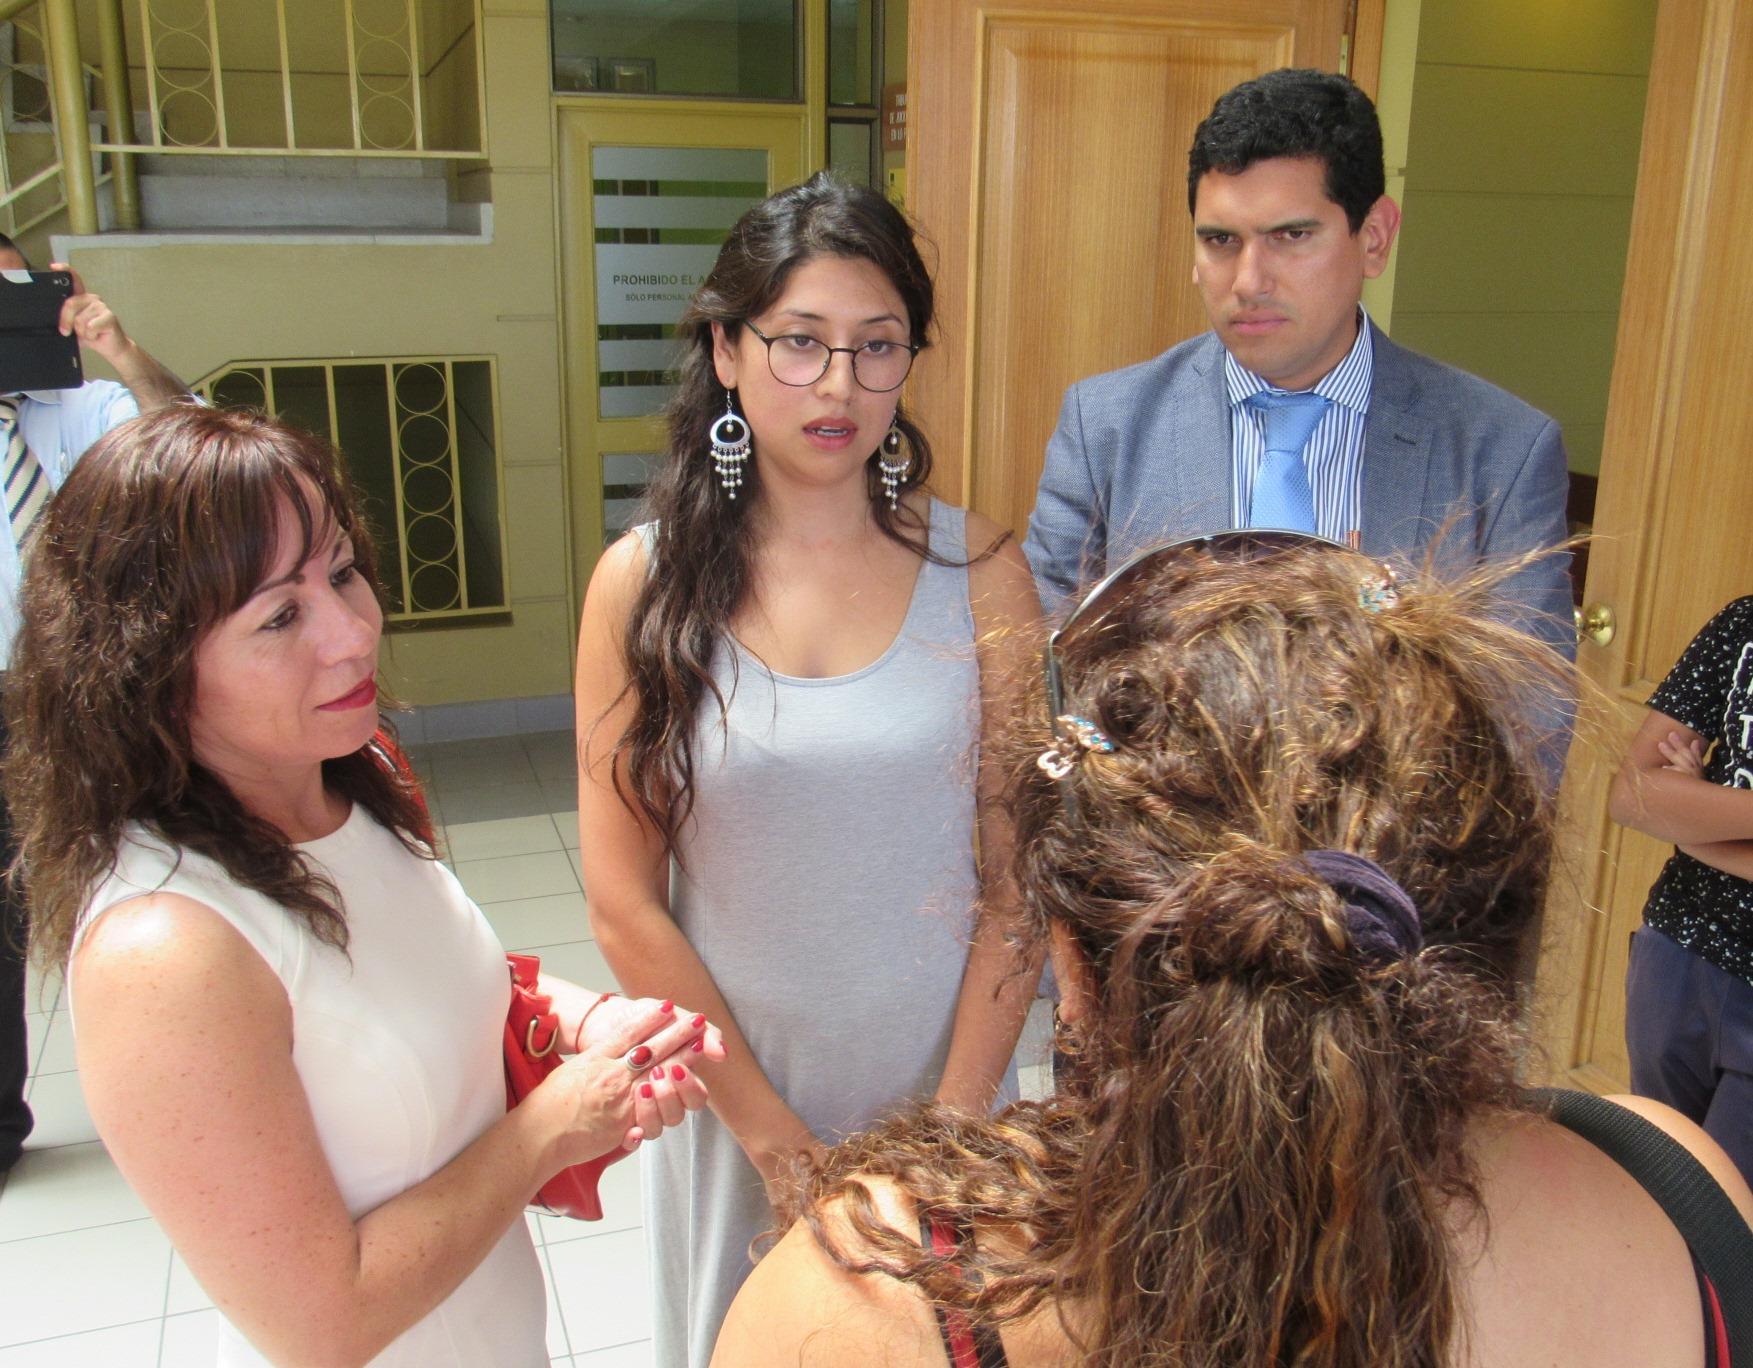 Confirman fallo condenatorio por delito de femicidio ocurrido en Vallenar